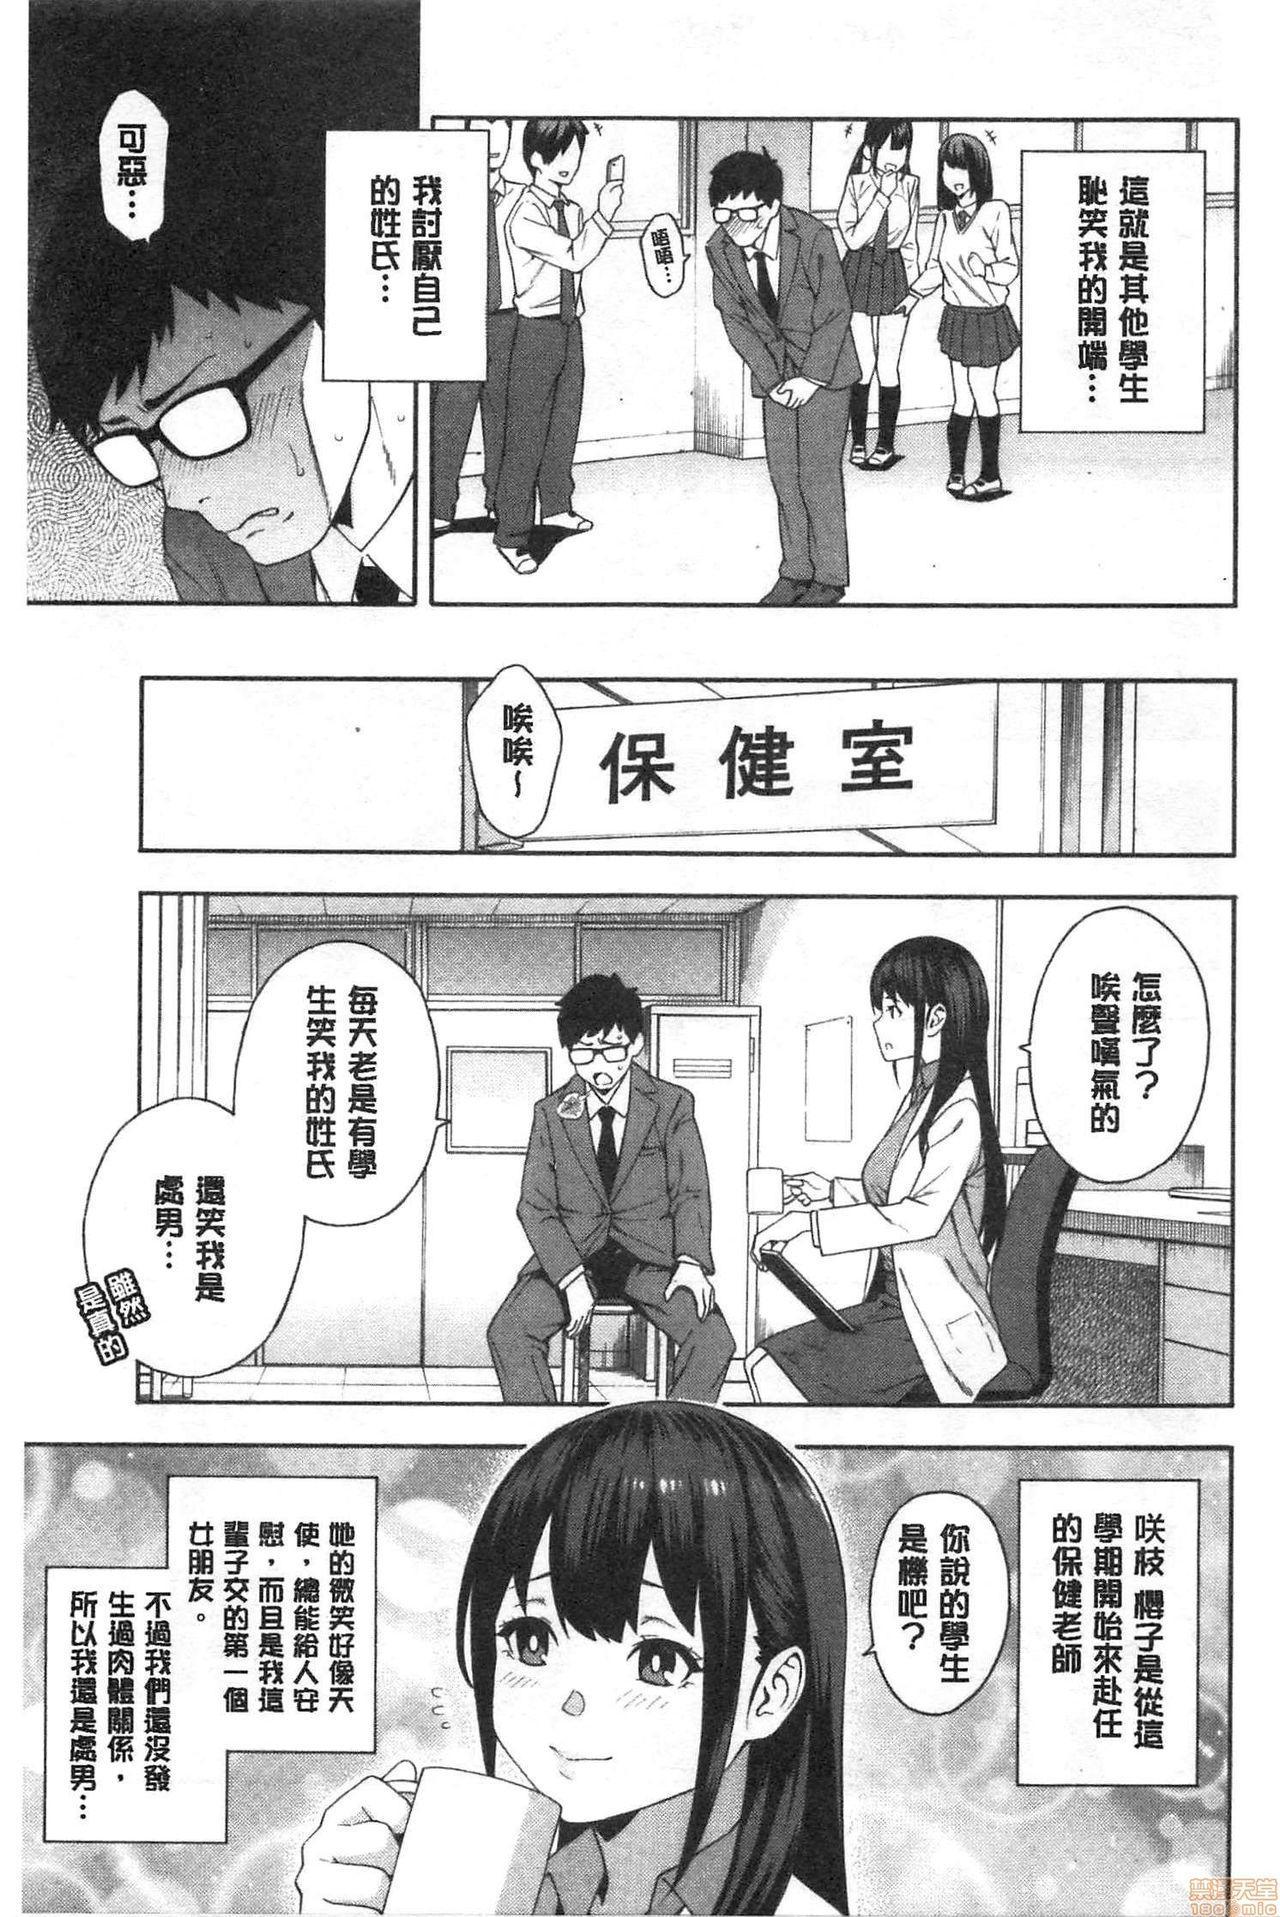 Okashite ageru 5